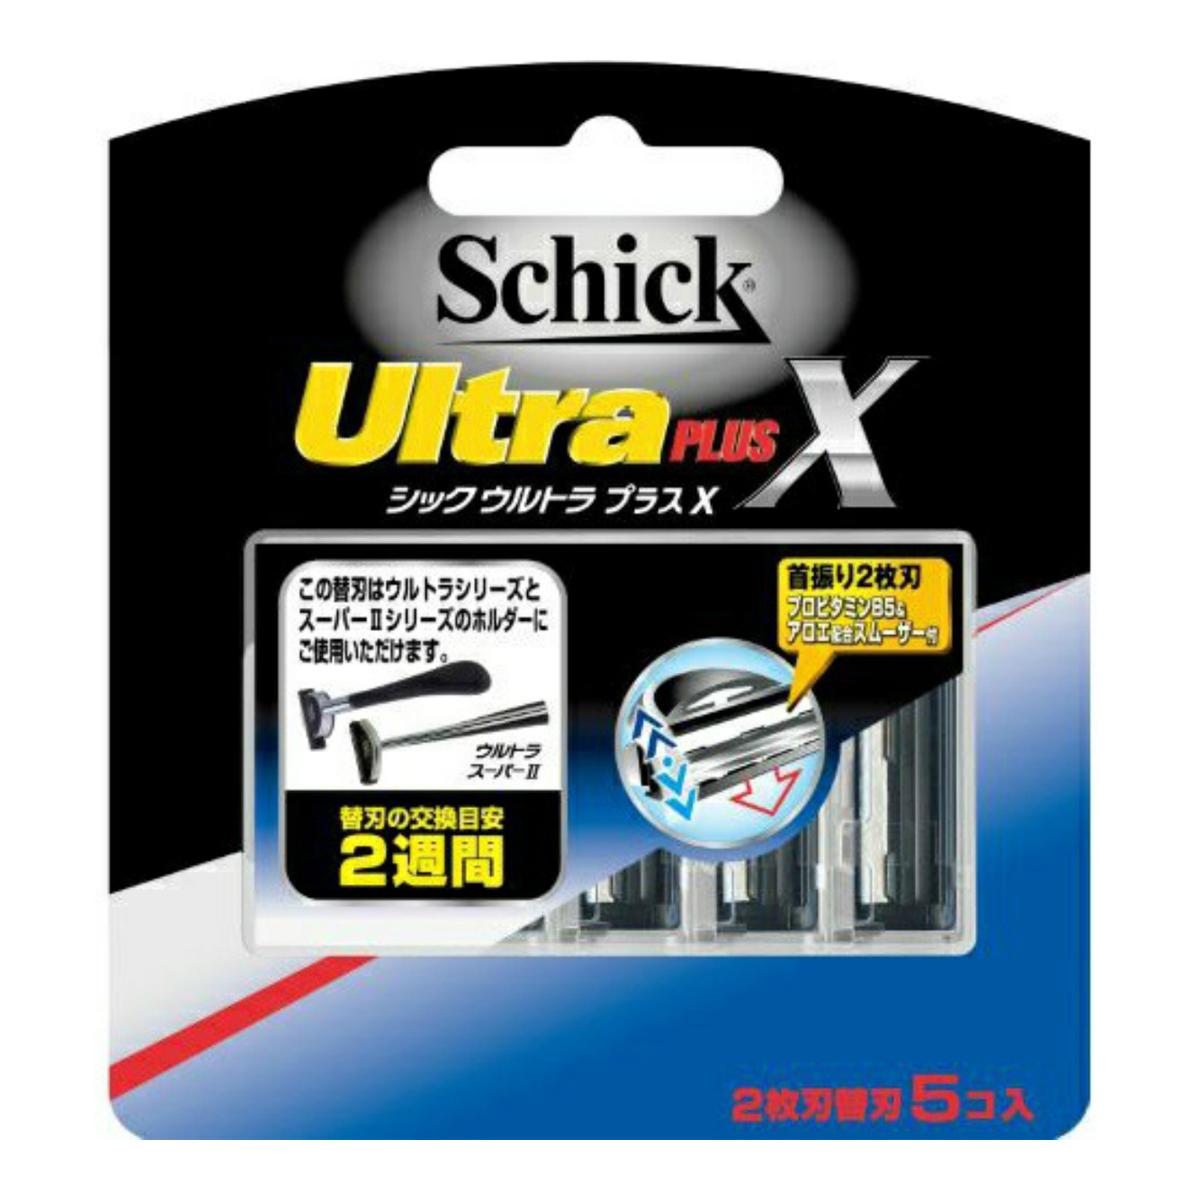 【送料無料・まとめ買い×288】シック Schick ウルトラプラスX 替刃 5コ入×288点セット(4891228303860)